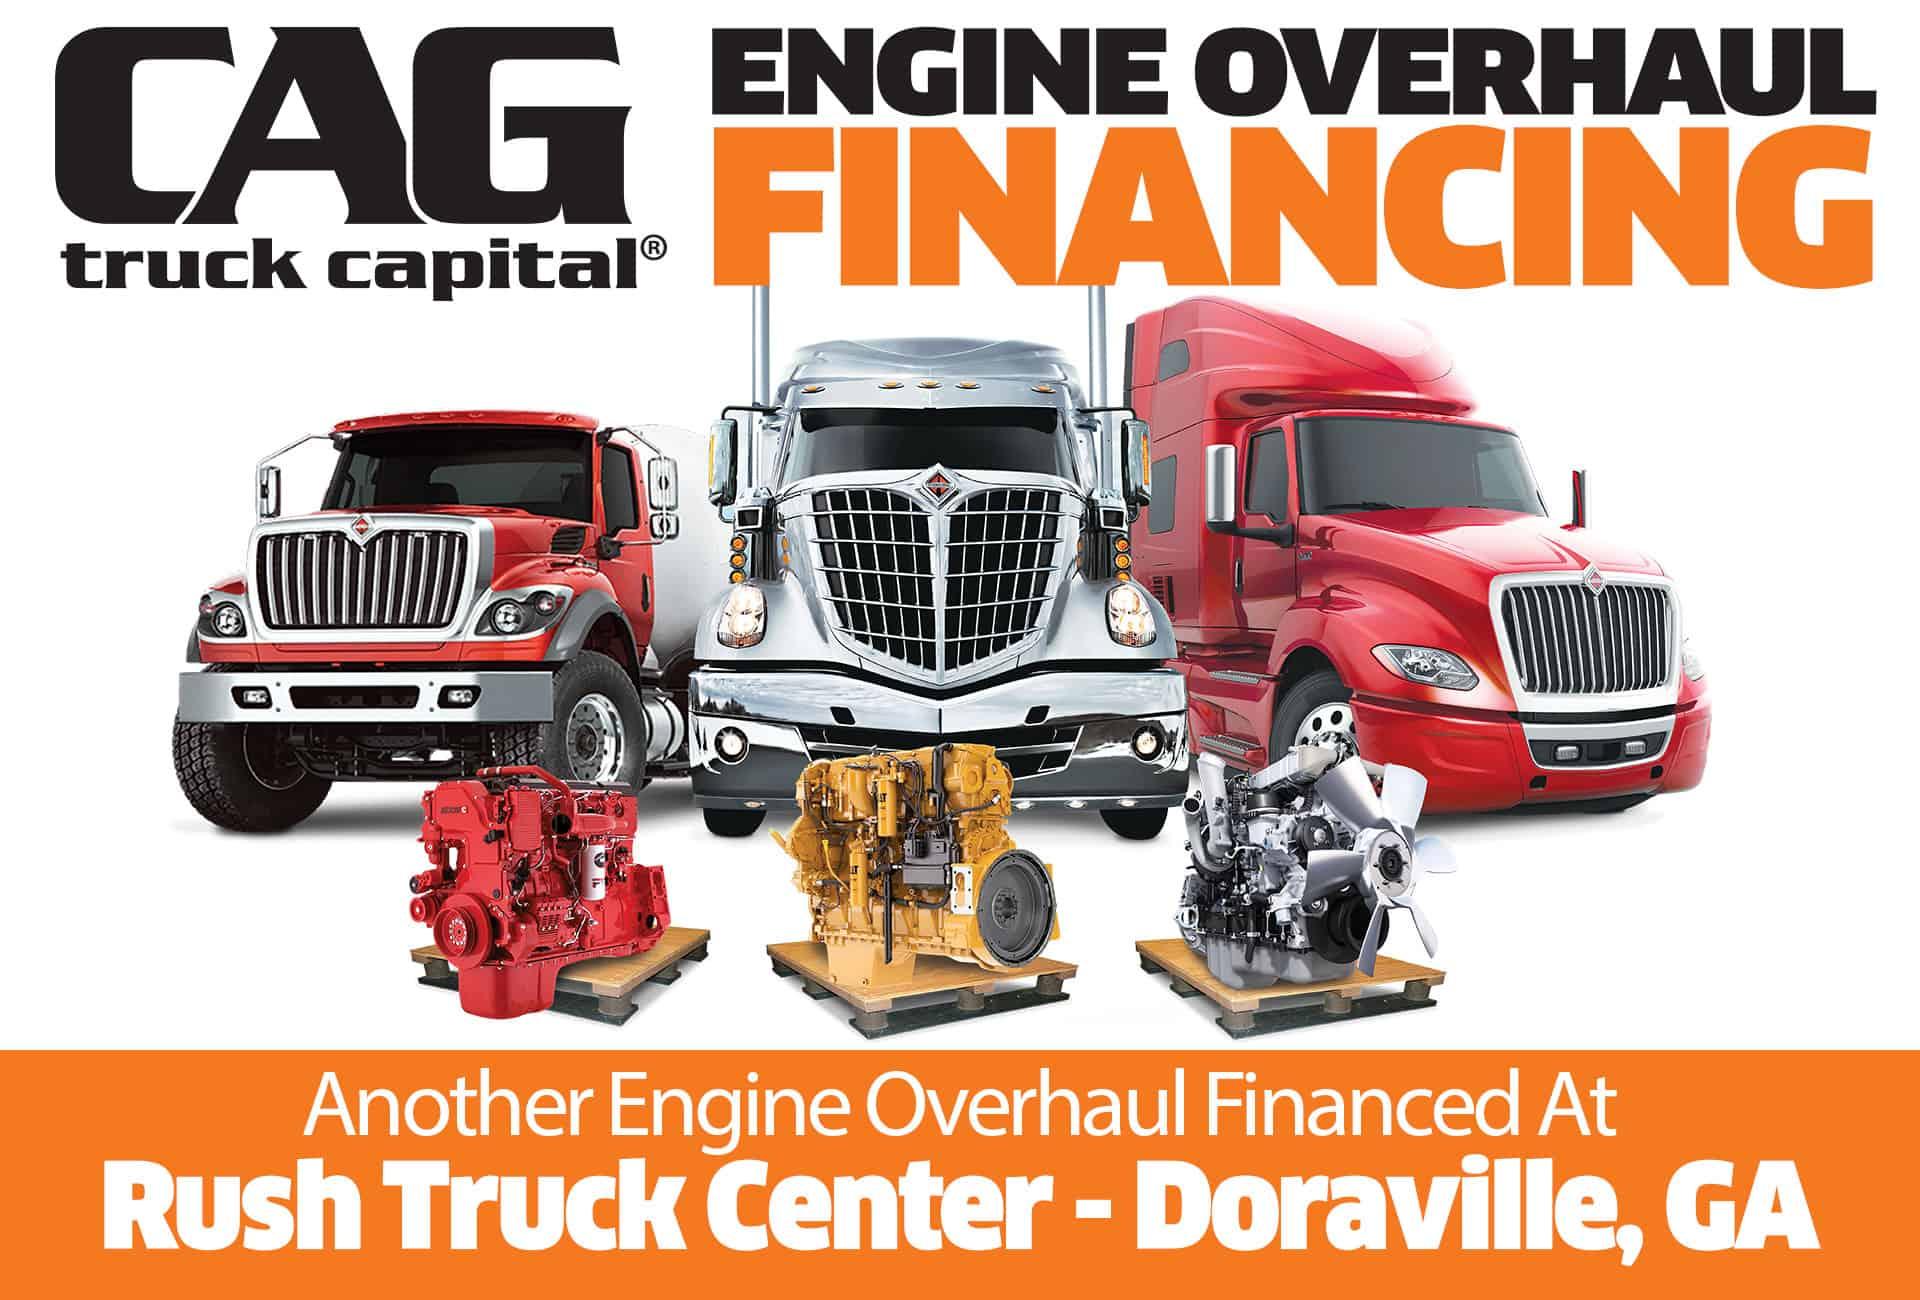 Rush Truck Center Doraville GA